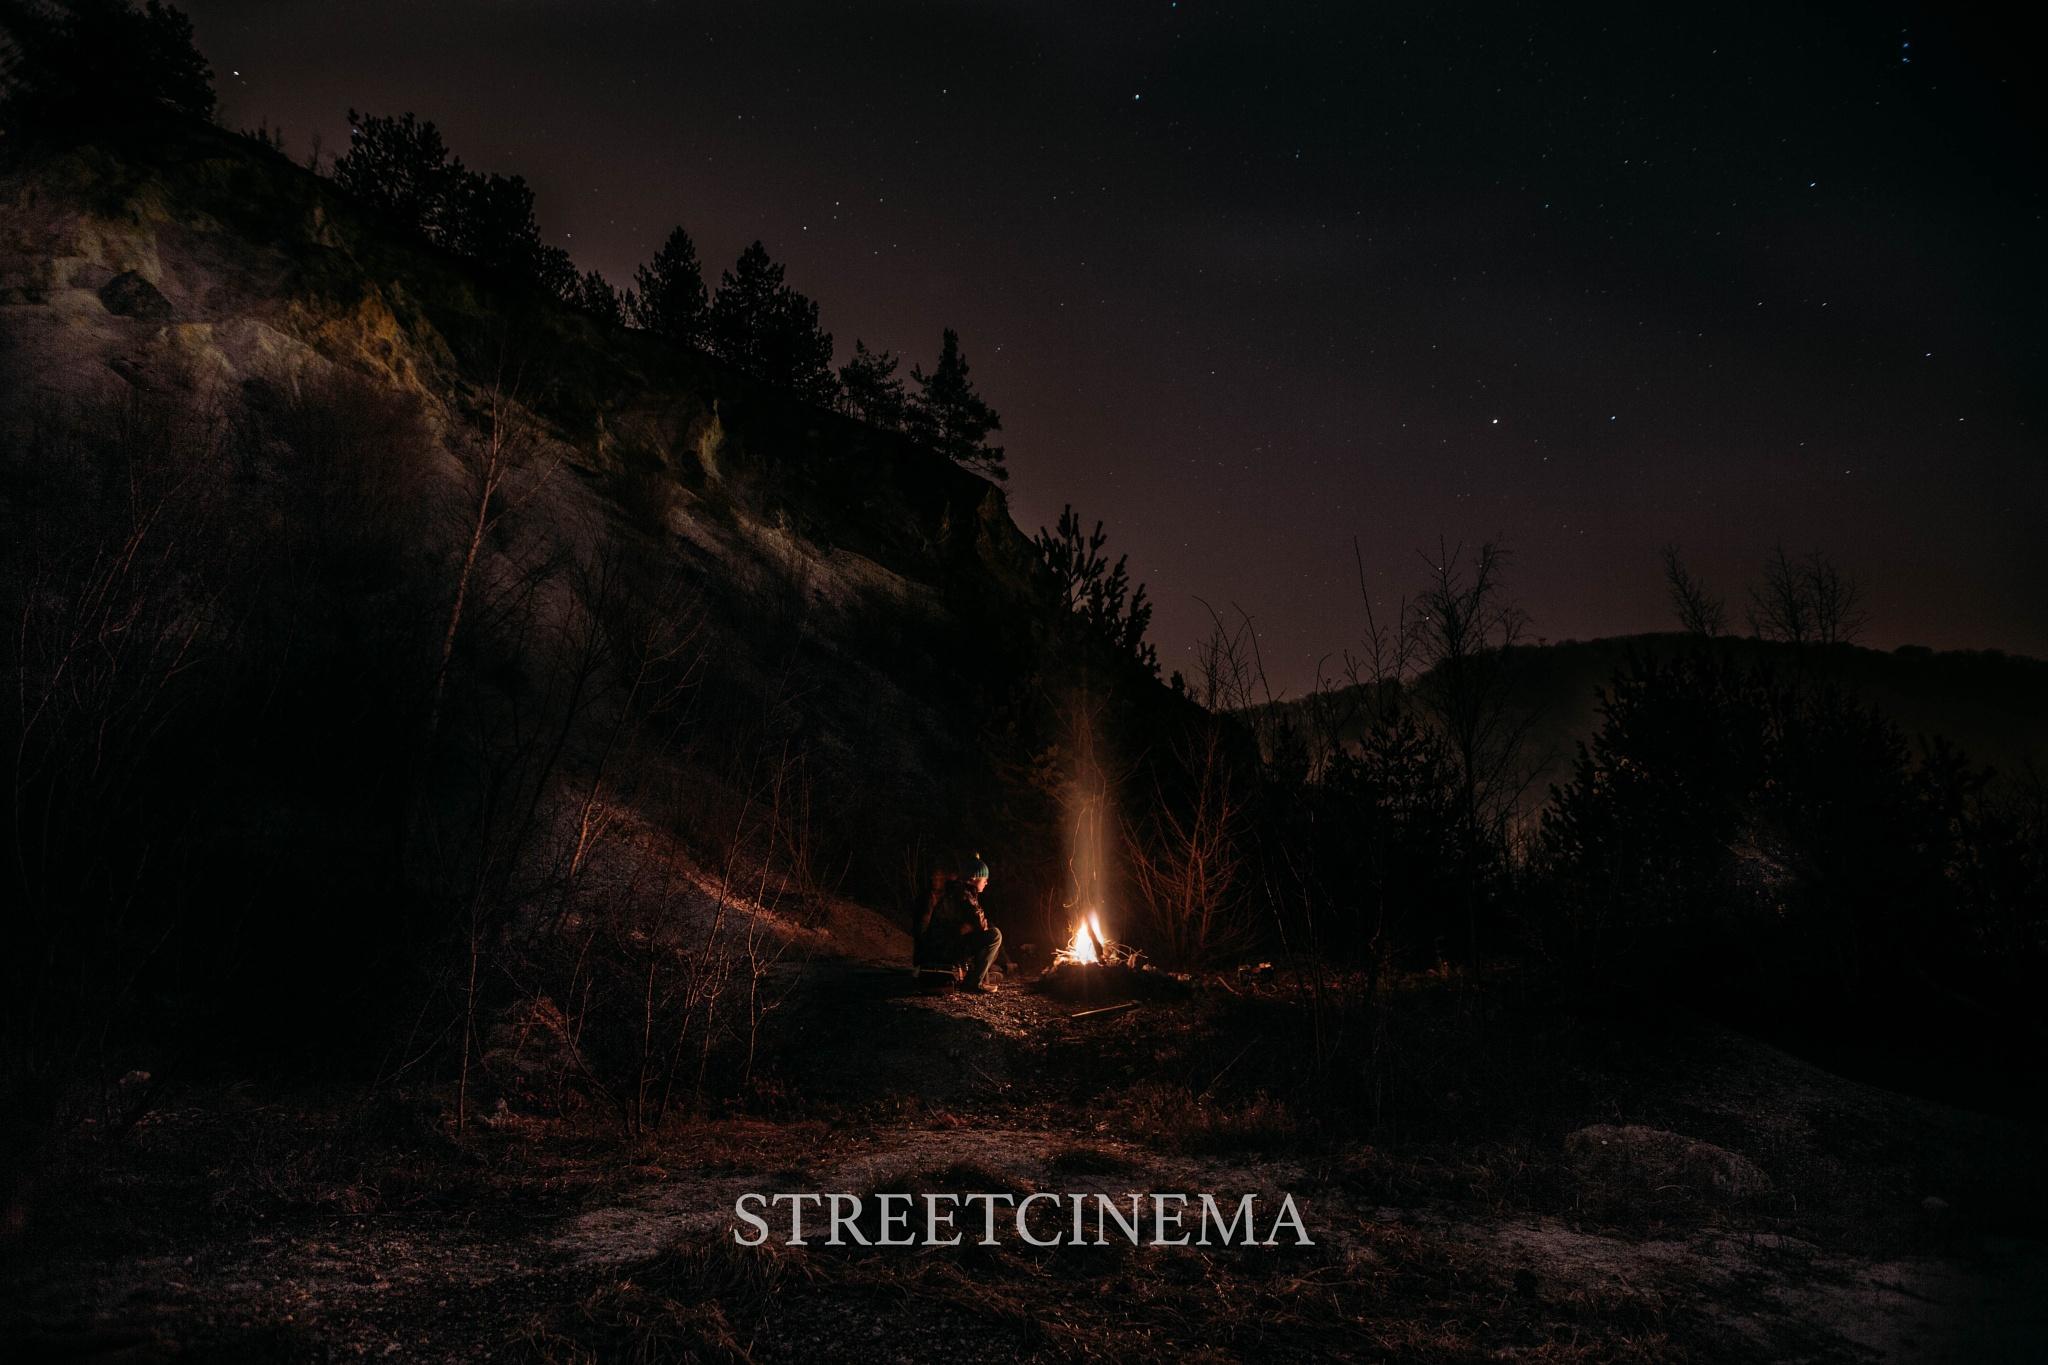 STREETCINEMA by Dominik